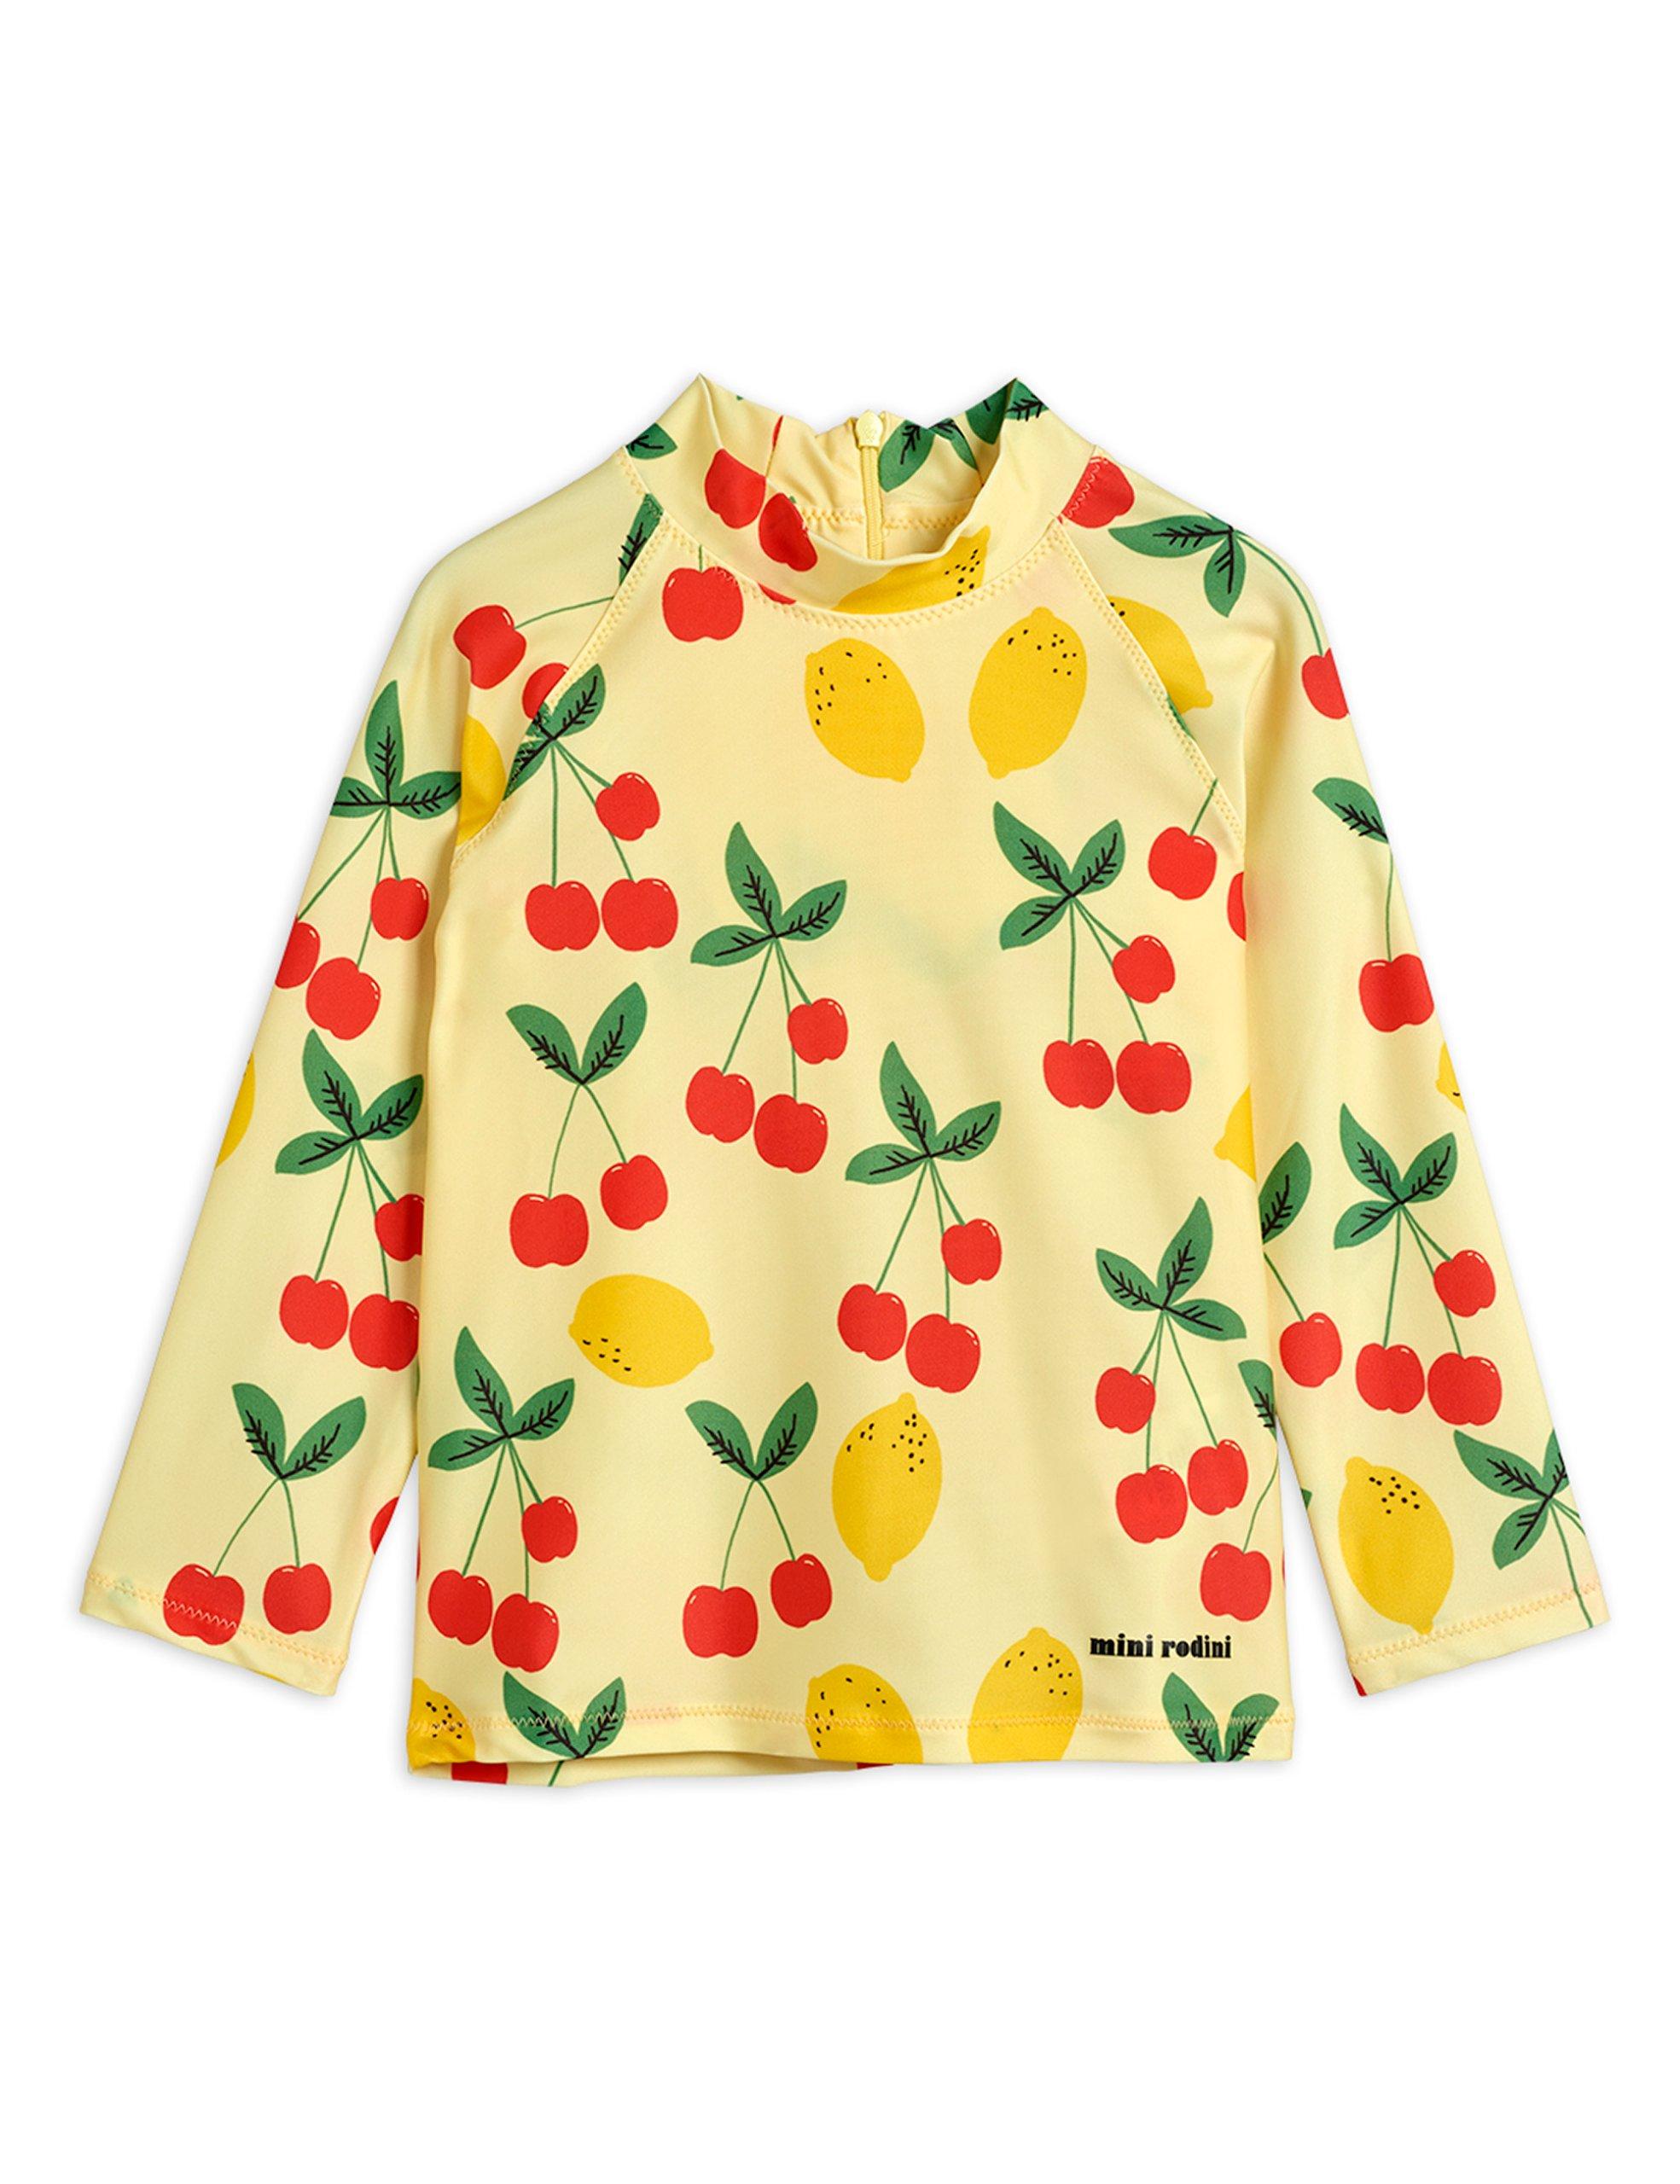 mini rodini cherry lemonade uv top yellow